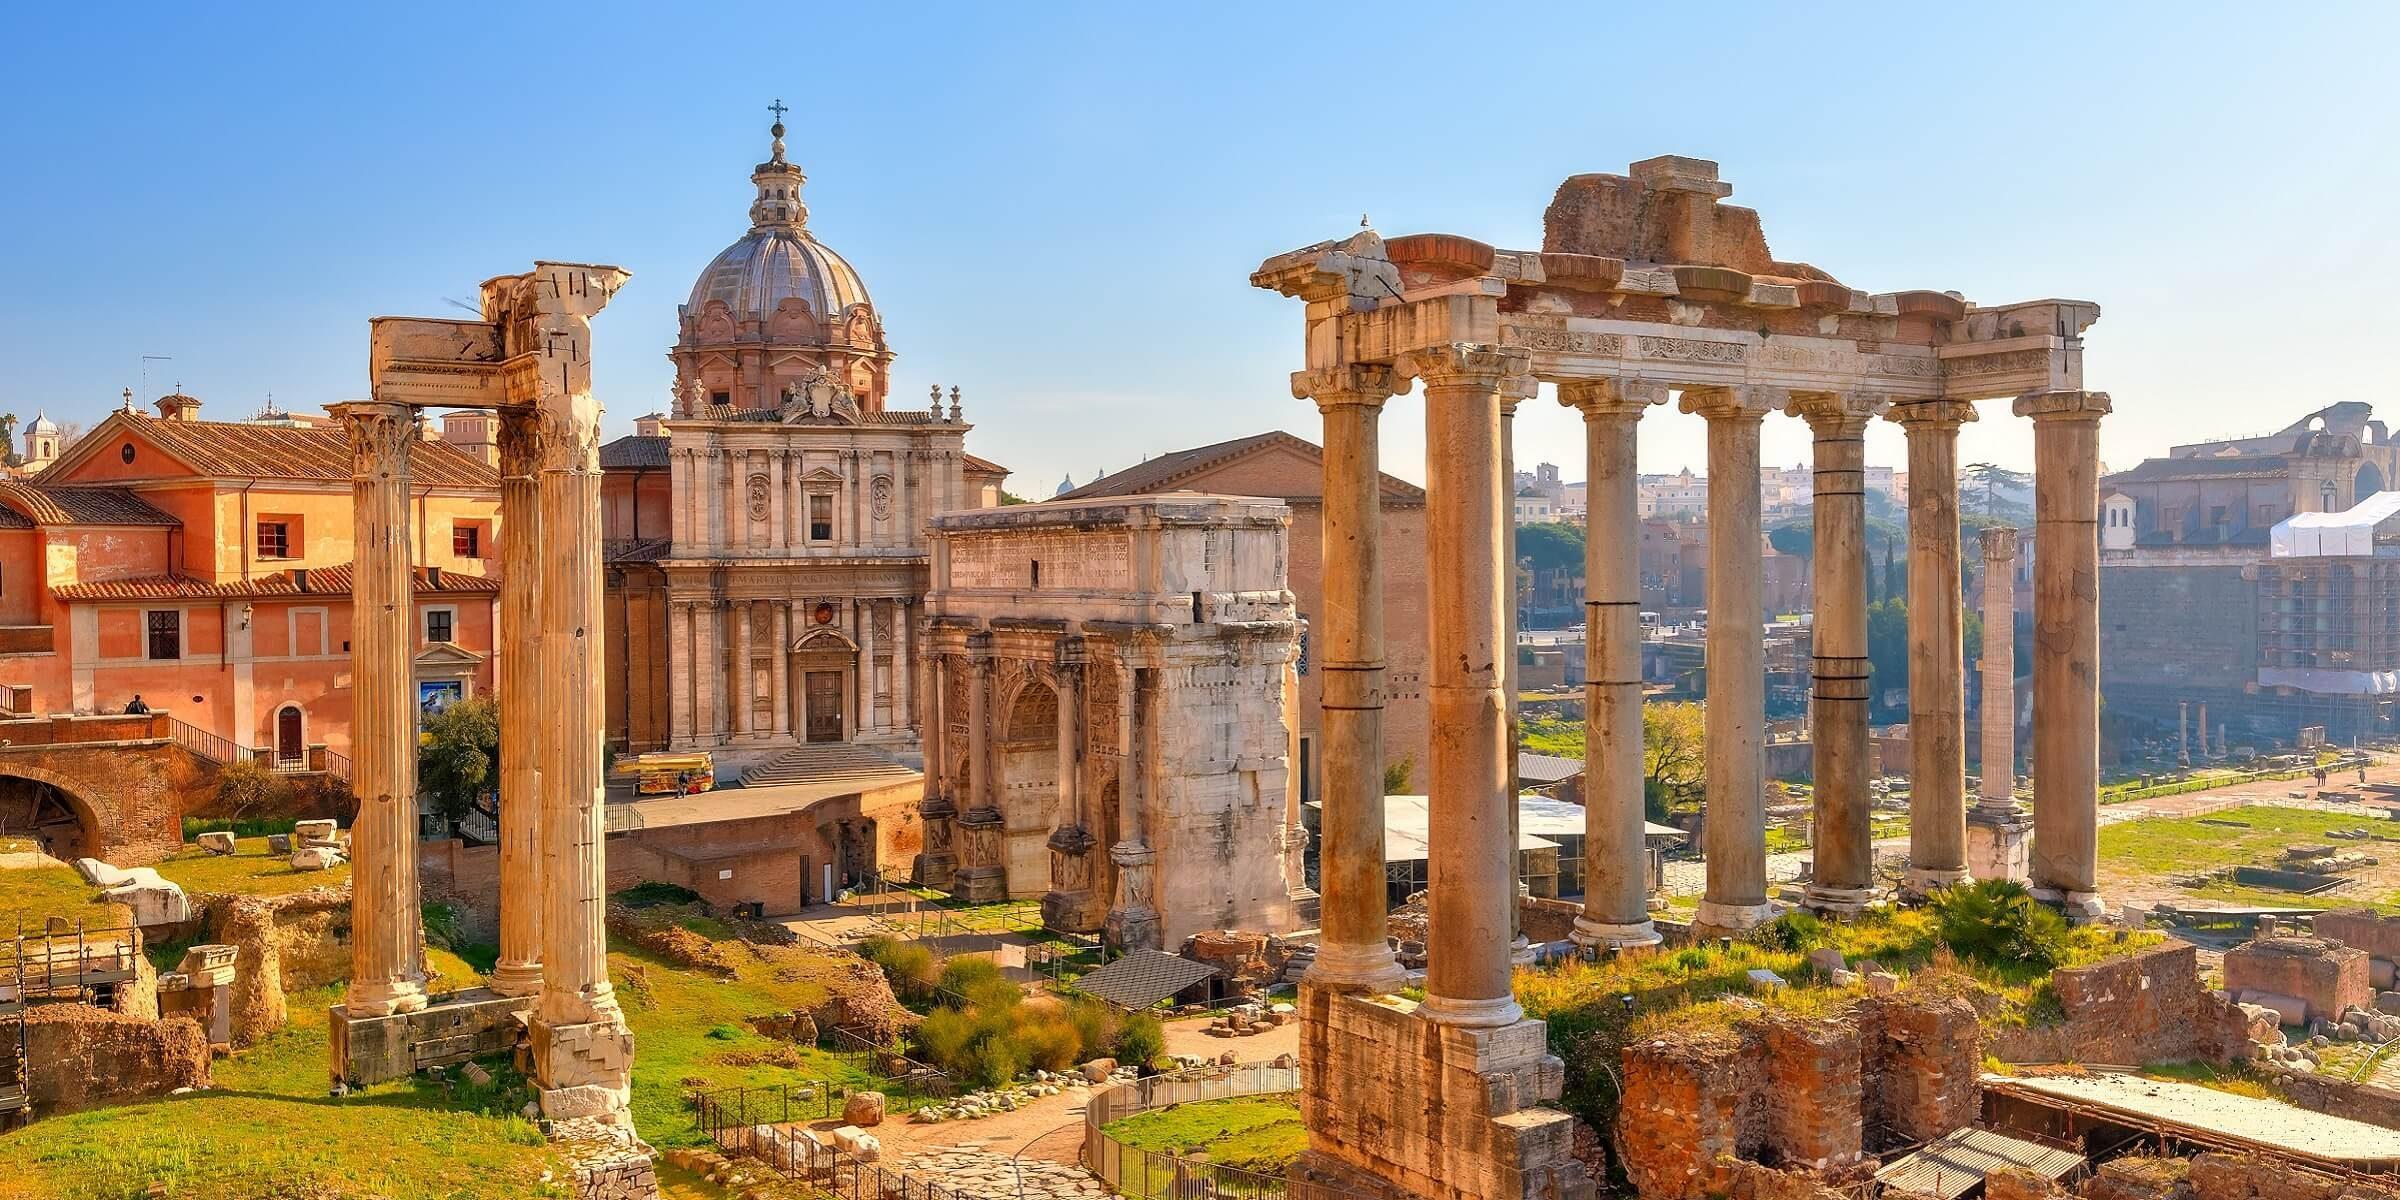 Die Ruinen des Forum Romanum in Rom